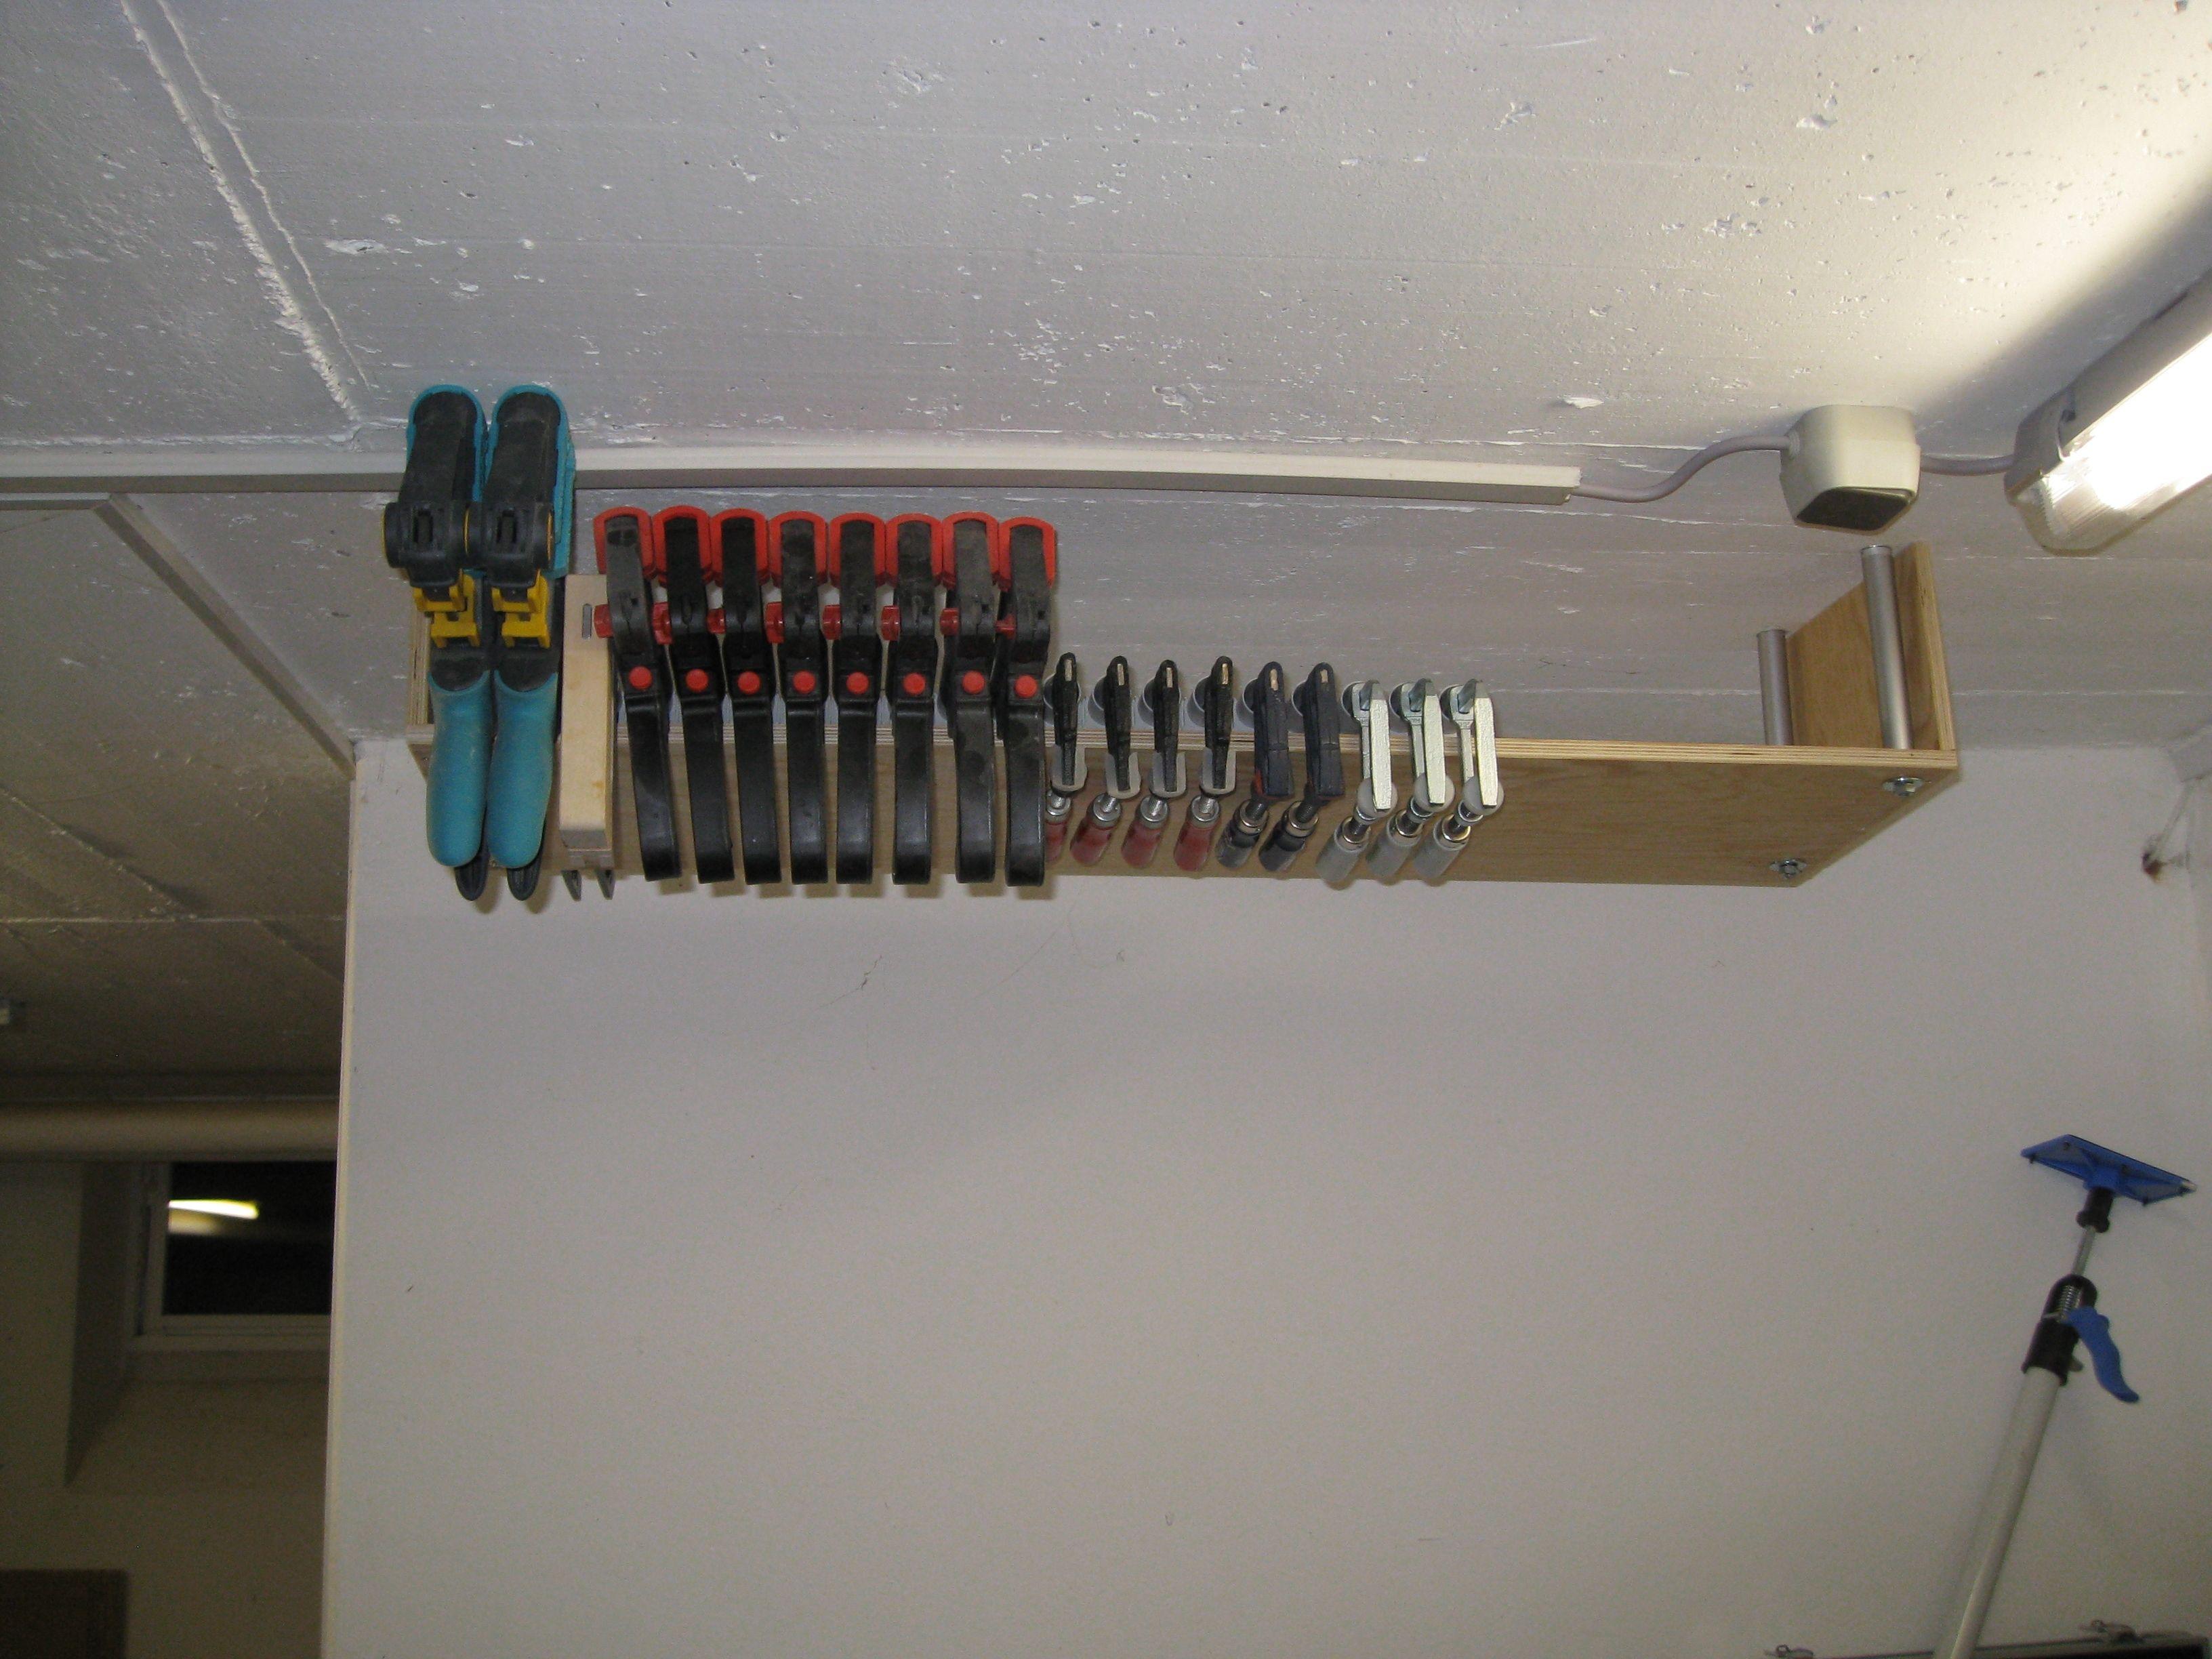 schraubzwingenhalter bauanleitung zum selber bauen best of 1 2 do projekte pinterest. Black Bedroom Furniture Sets. Home Design Ideas